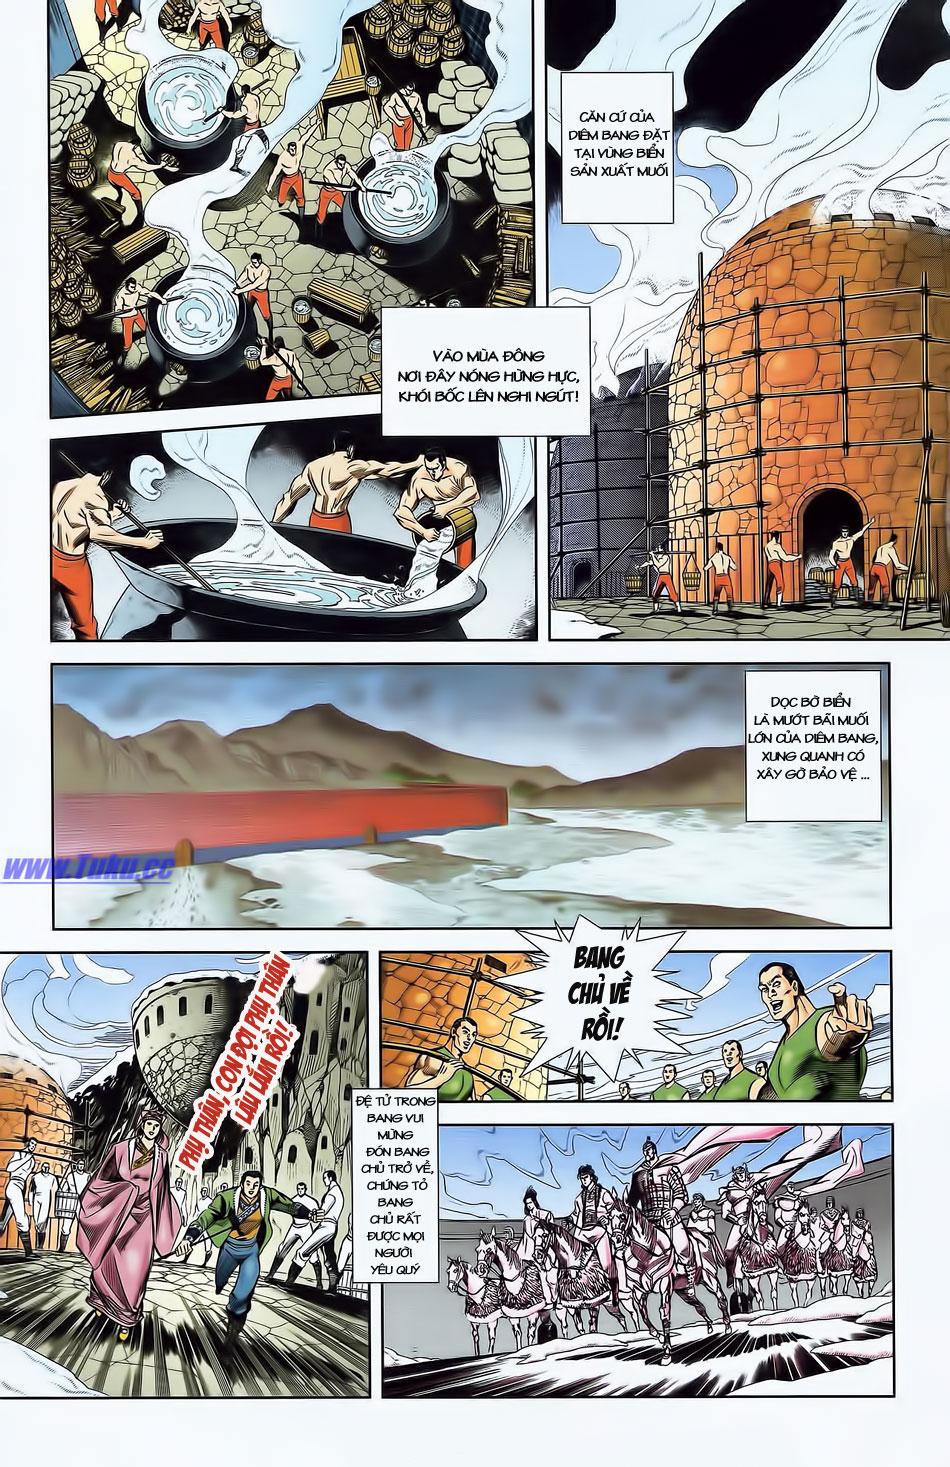 Tần Vương Doanh Chính chapter 4 trang 18